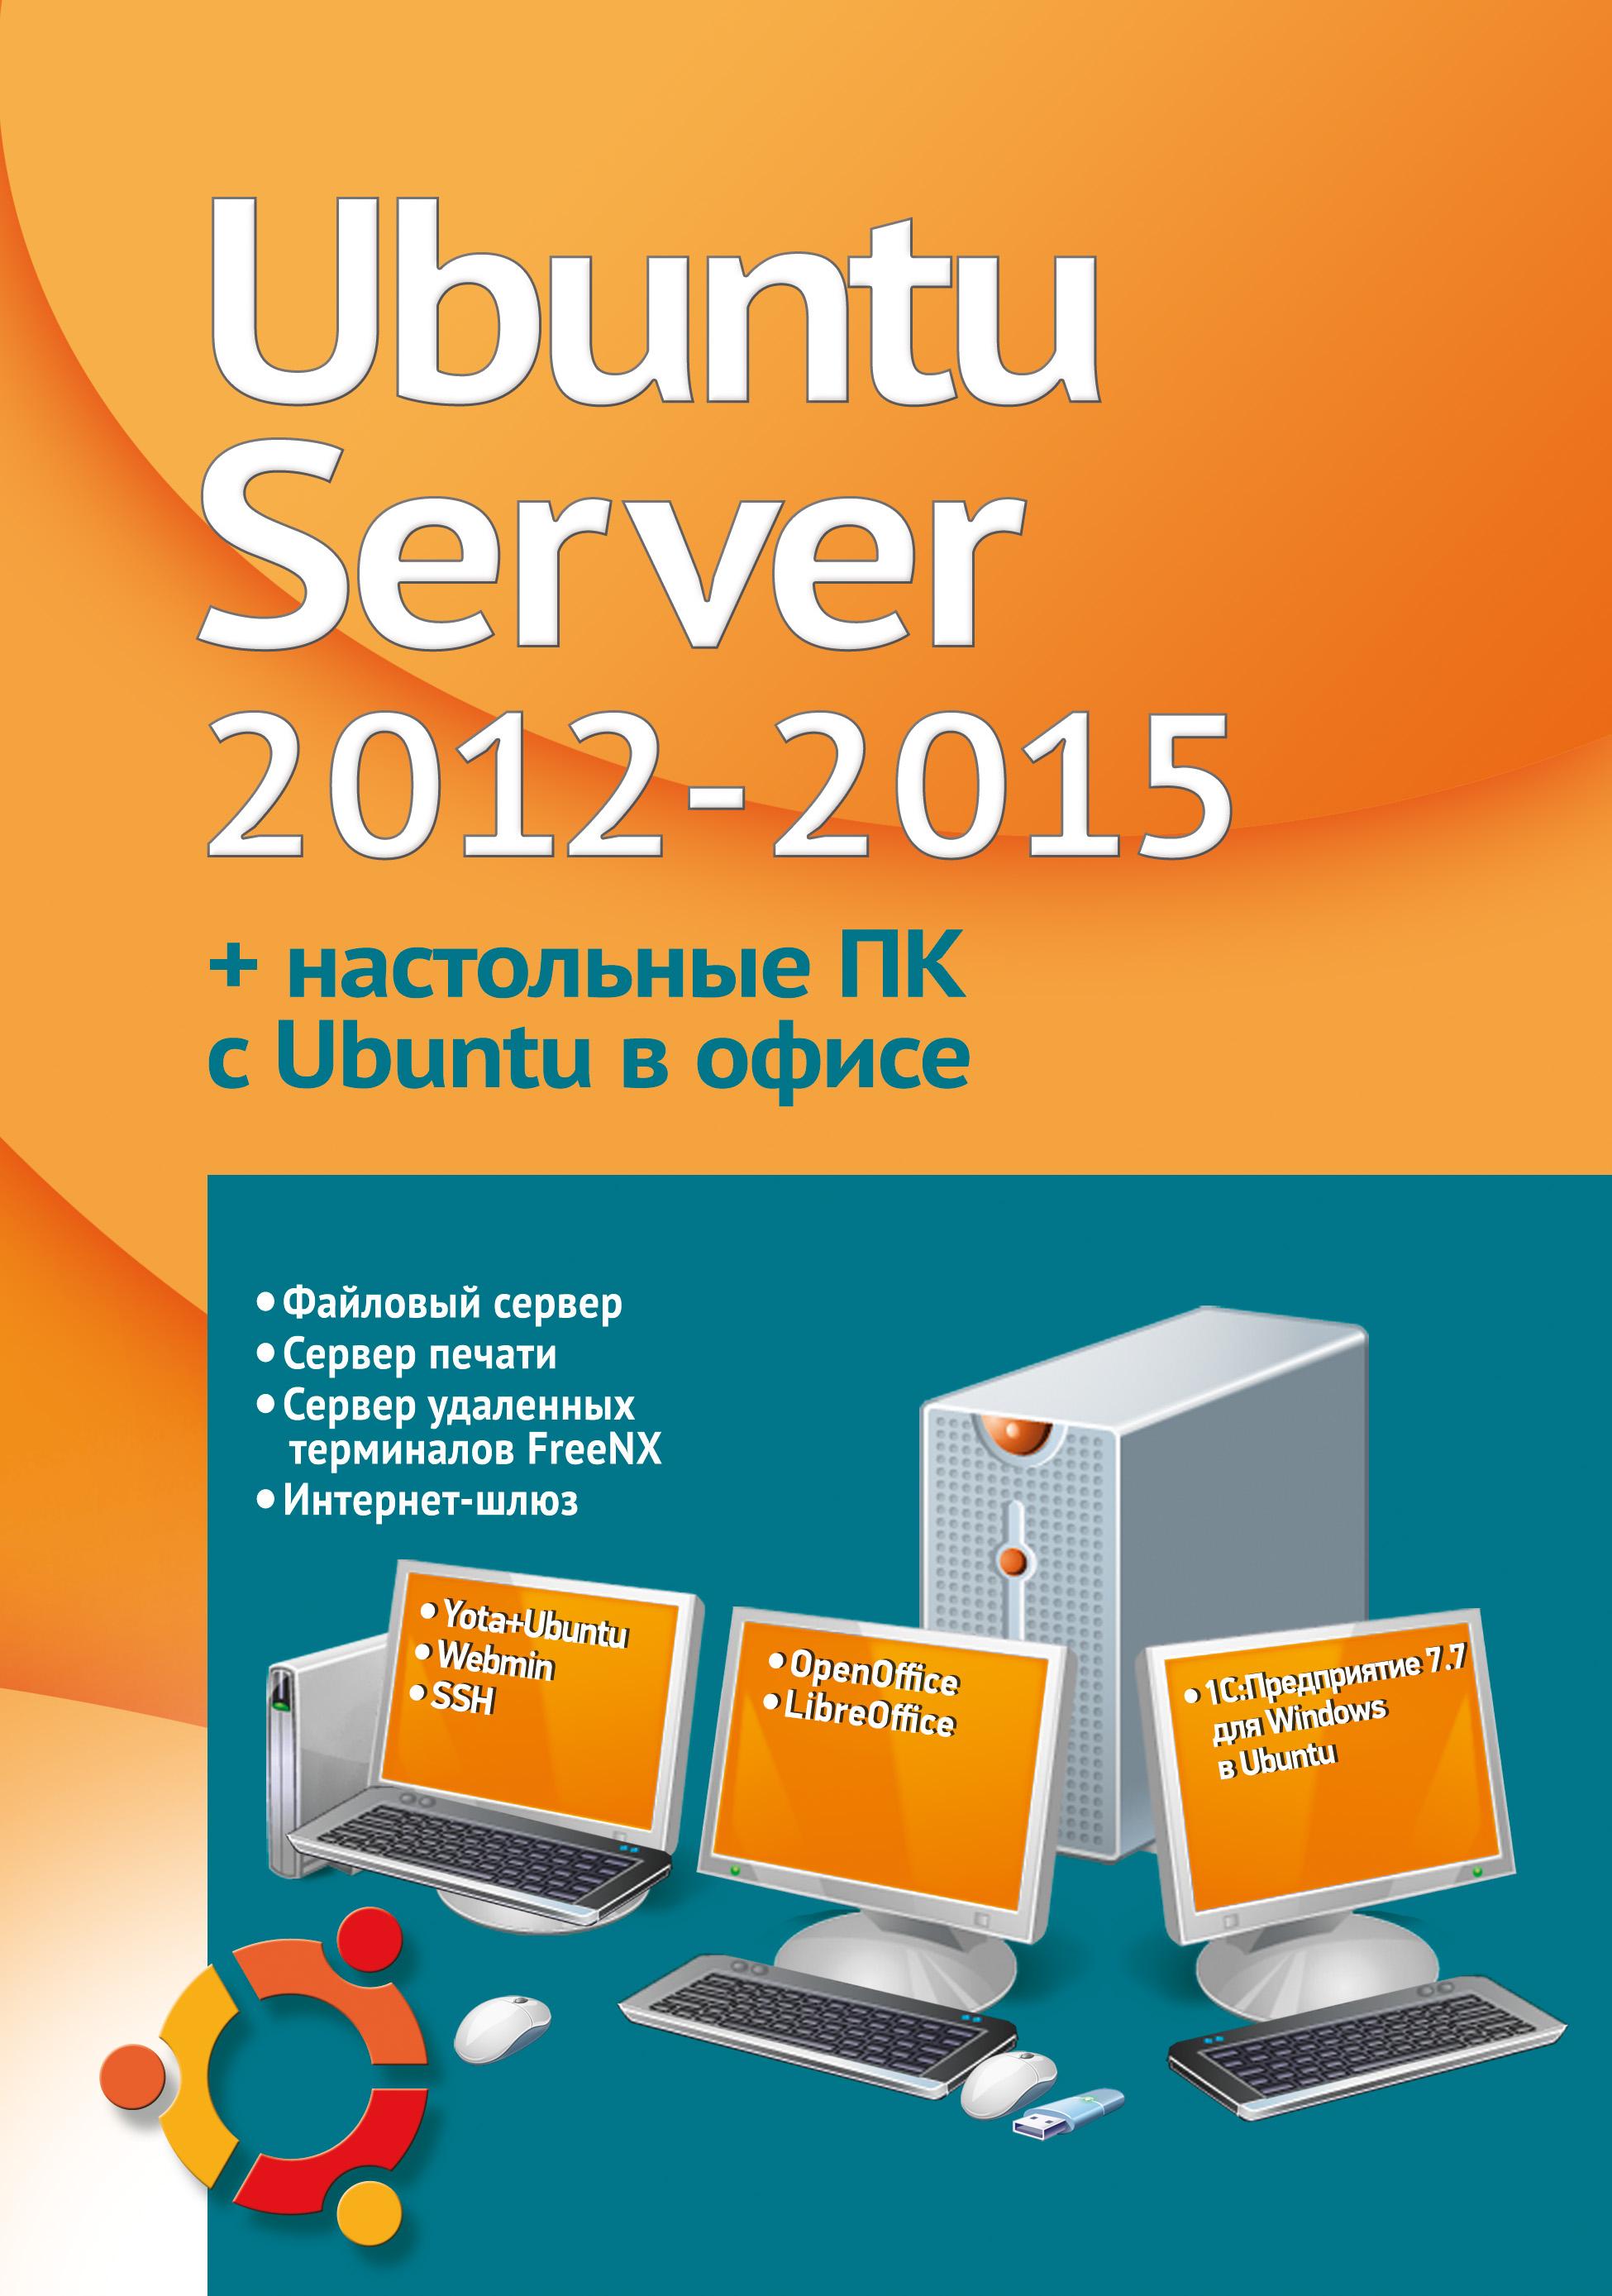 Филипп Резников Устанавливаем и настраиваем Ubuntu Server 2012-2015 и офисные ПК с Ubuntu ubuntu linux® for dummies®